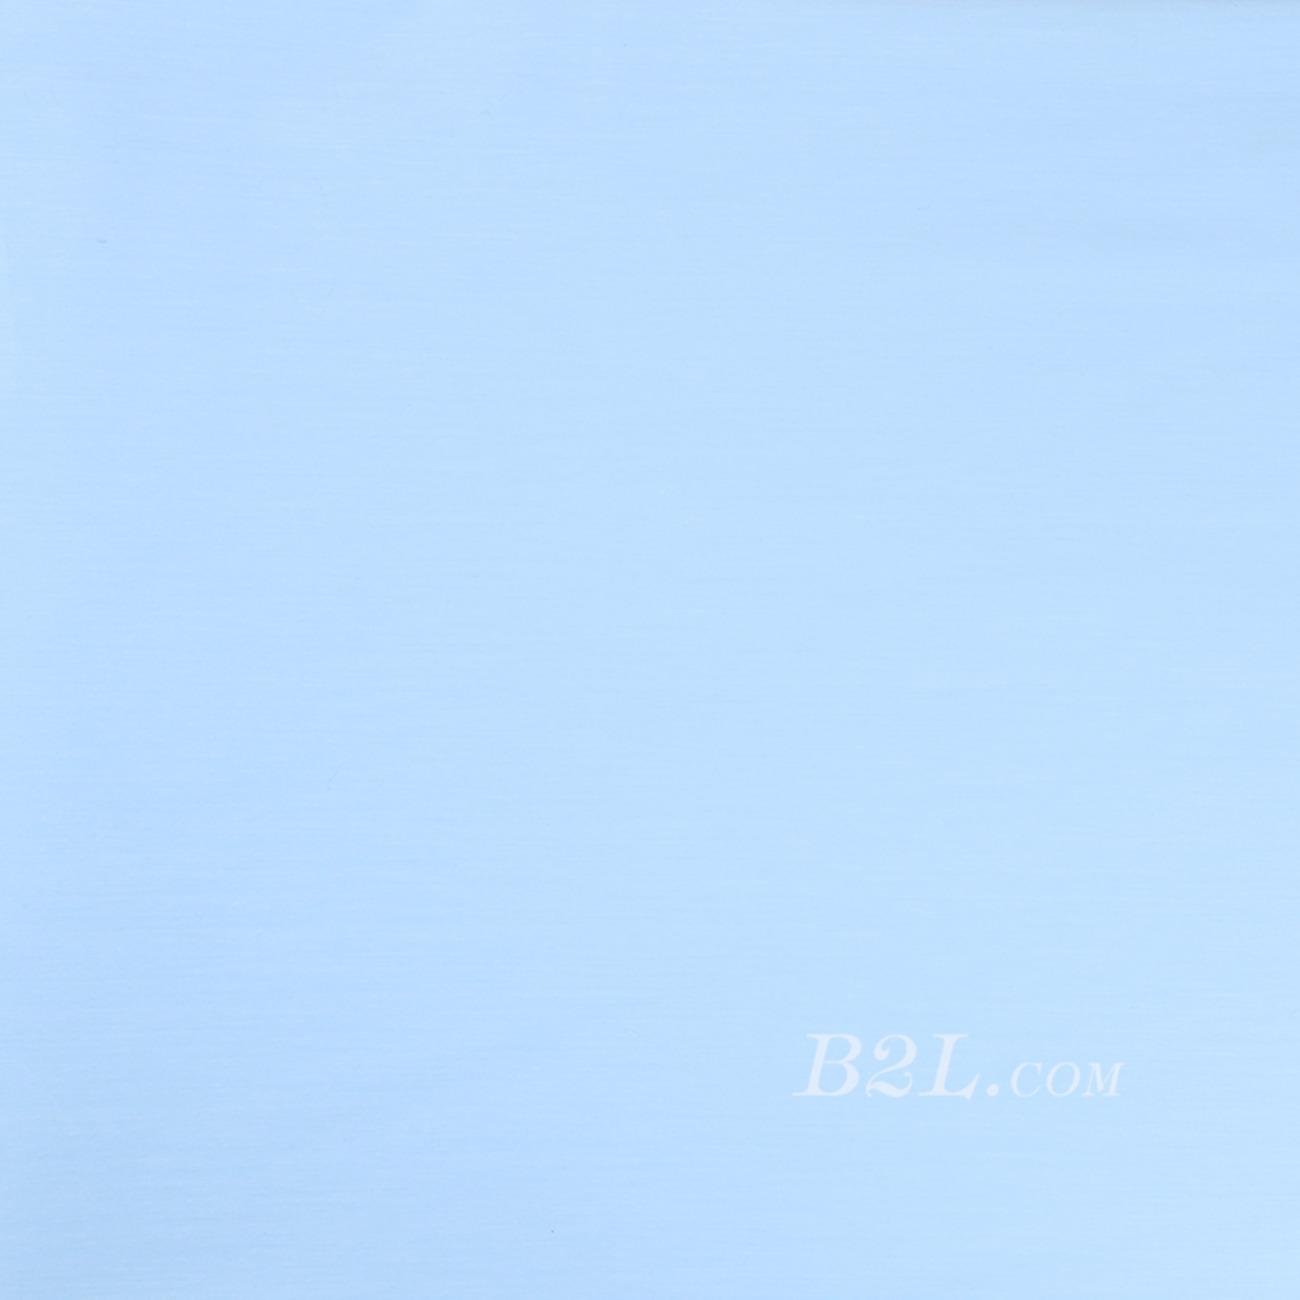 春 梭织 棉感 偏薄 低弹 纬弹 平纹 细腻 柔软 染色 童装 秋 70705-1